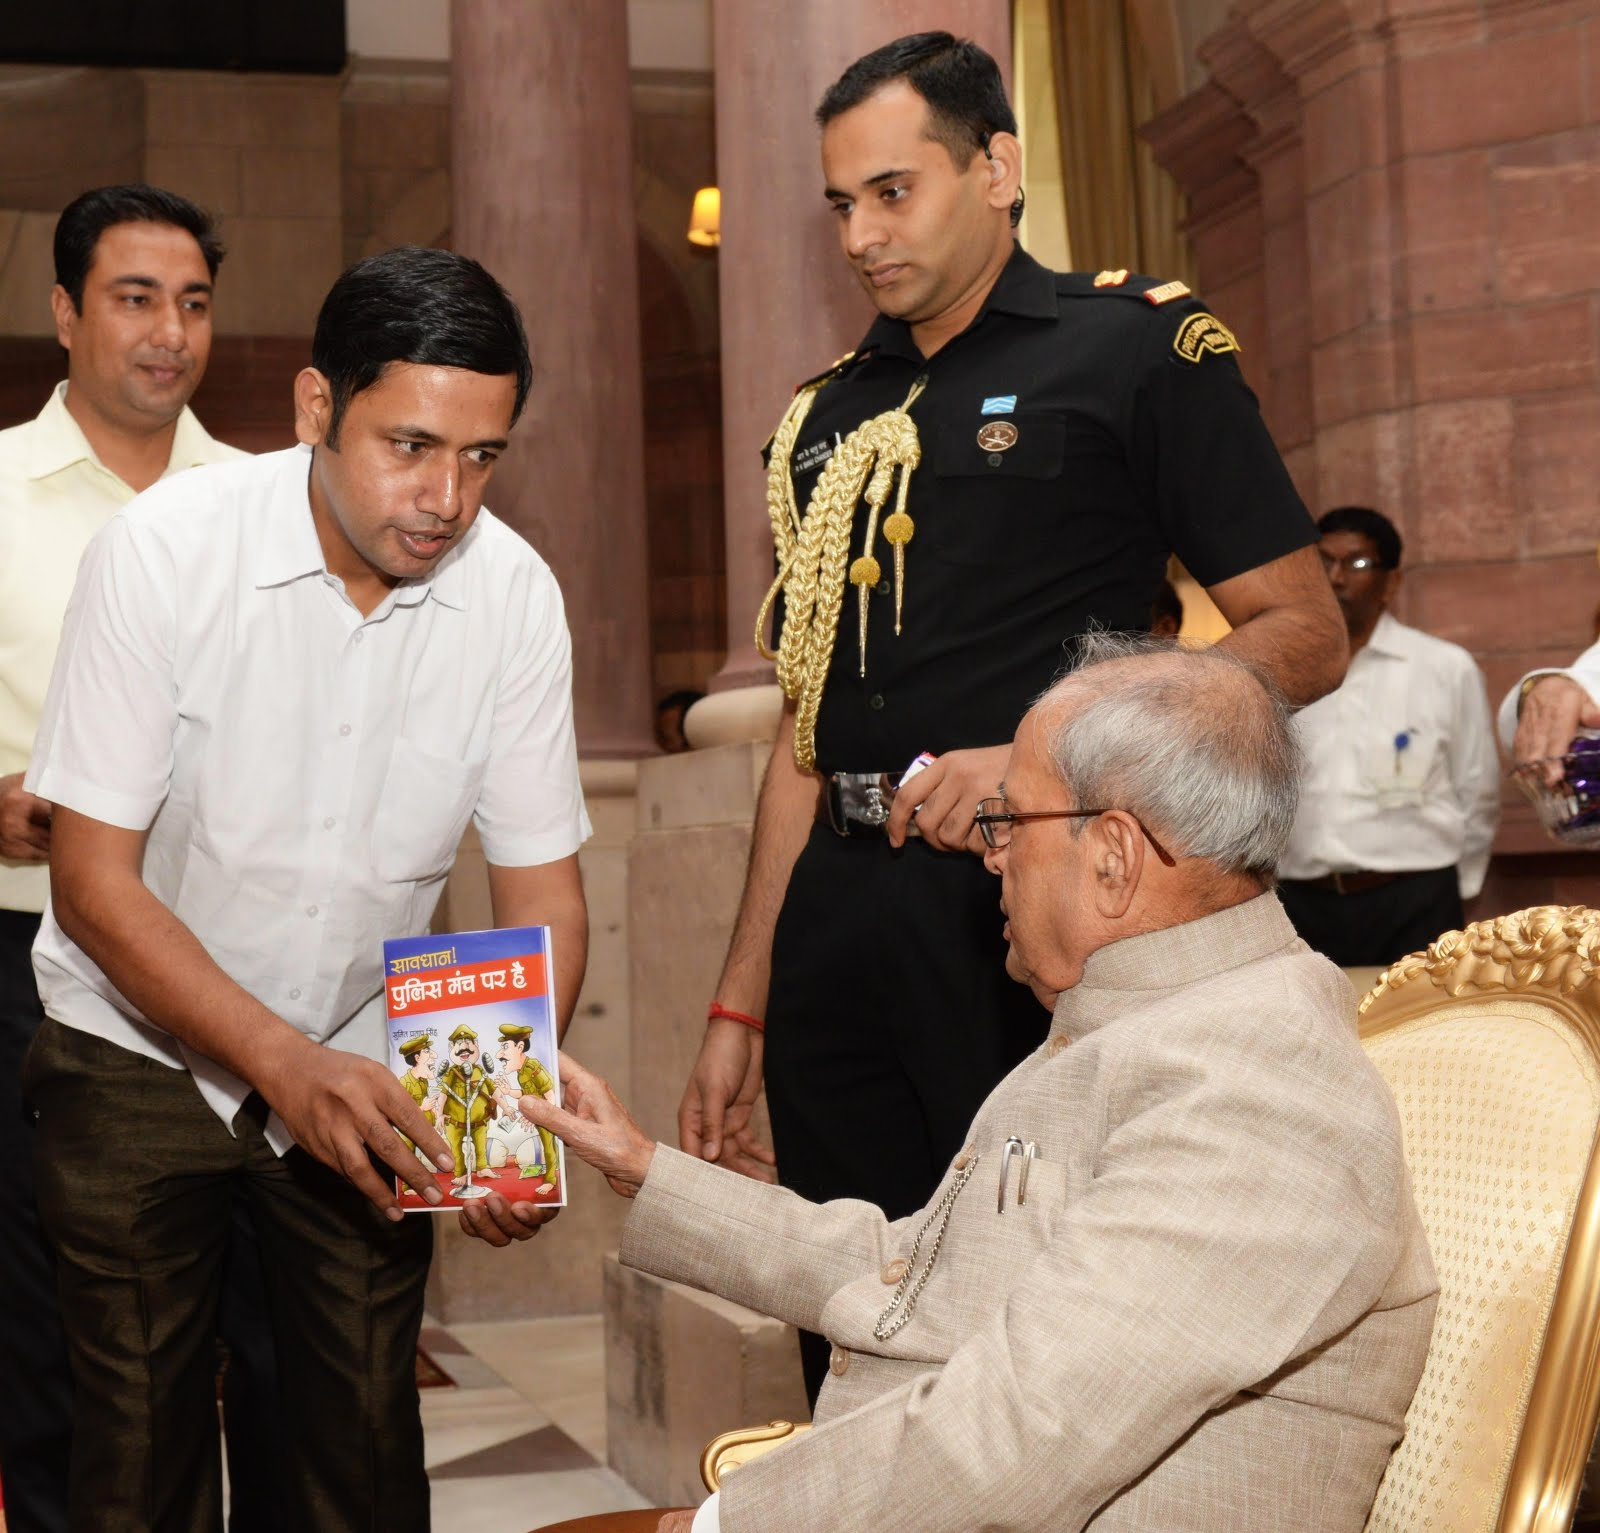 सुमित प्रताप सिंह भारत के पूर्व राष्ट्रपति को अपनी पुस्तक भेंट करते हुए